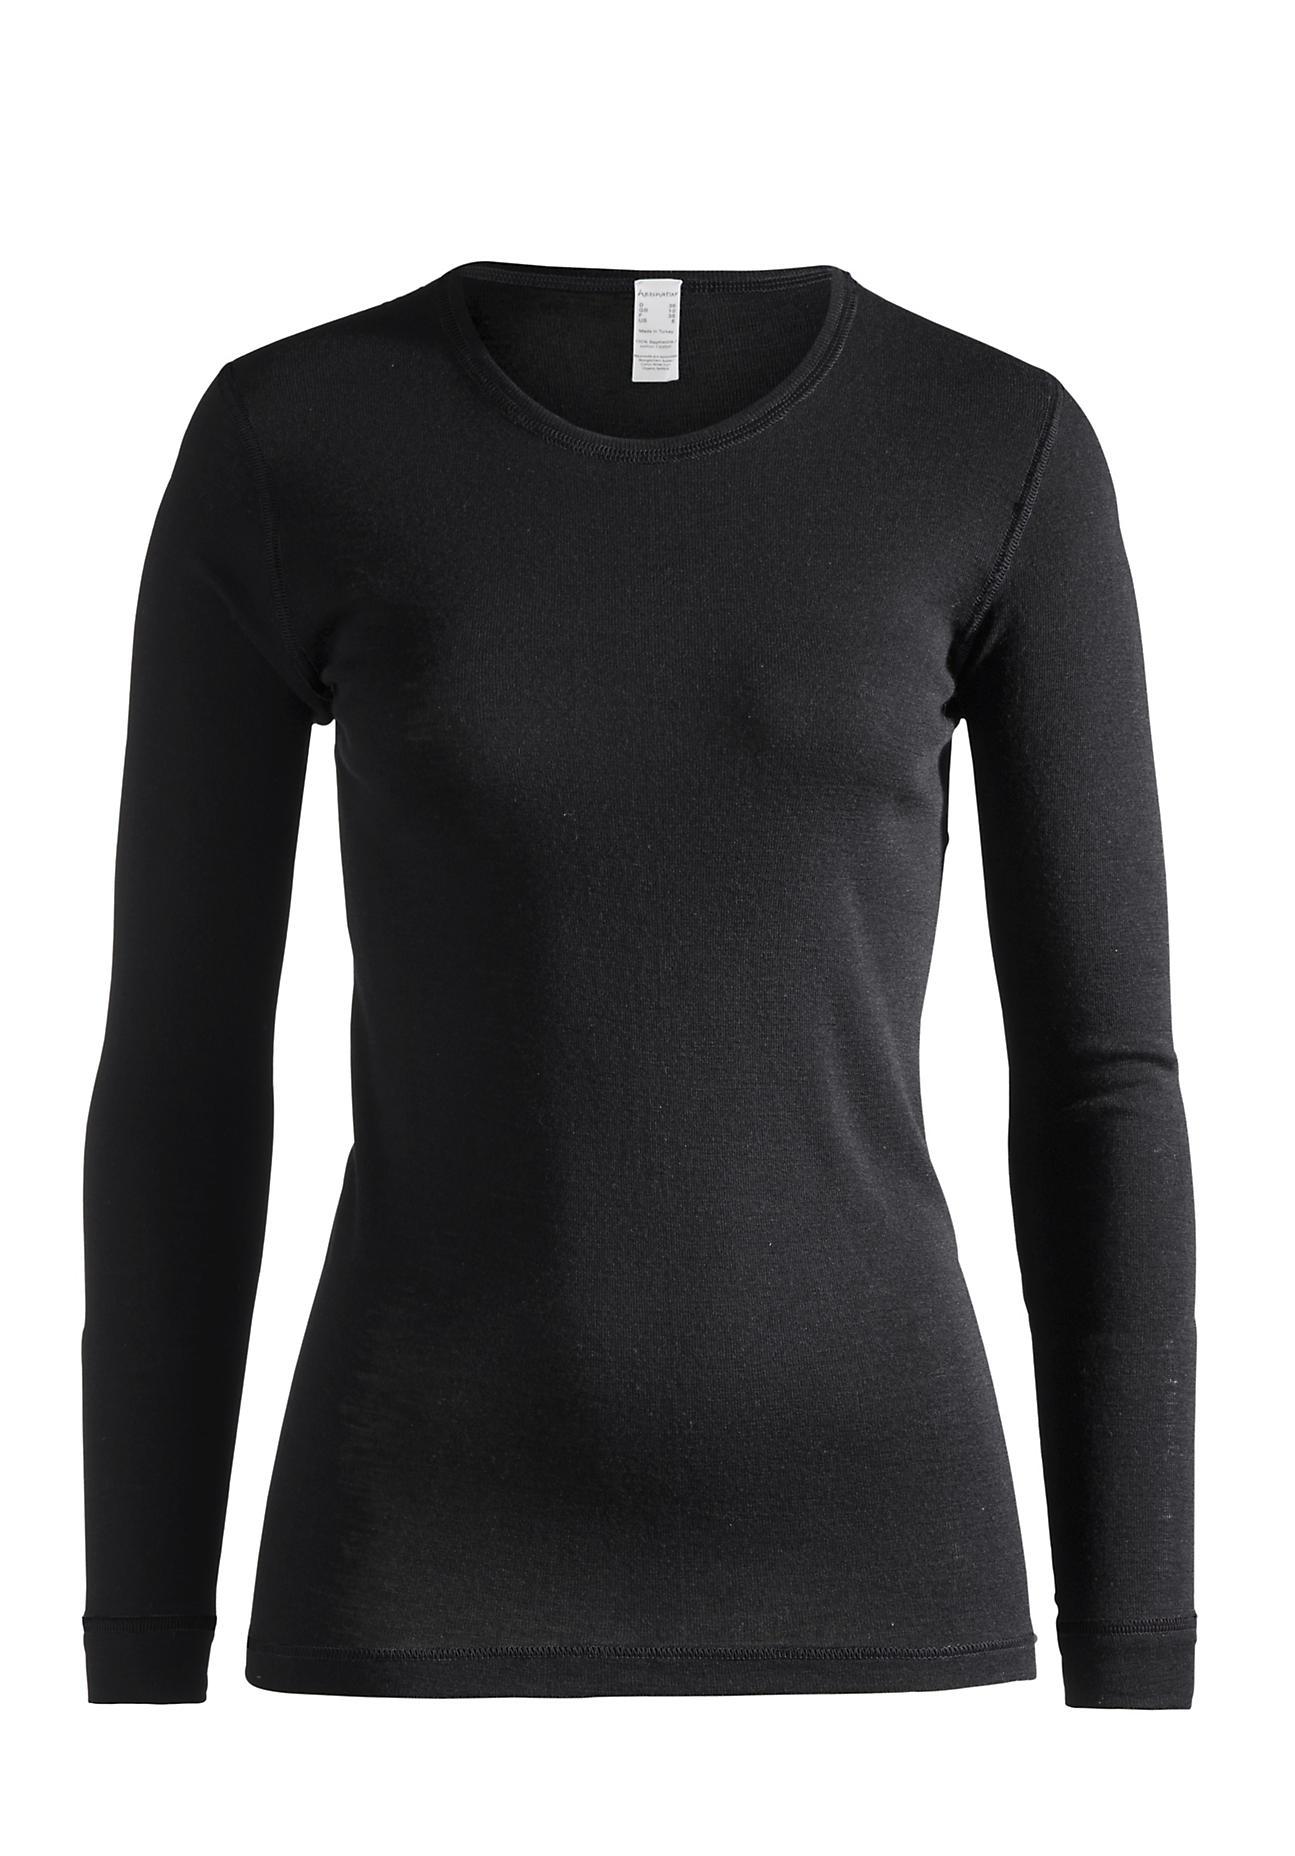 Waesche - hessnatur Damen Langarm Shirt PureWOOL aus Bio Merinowolle – schwarz – Größe 38  - Onlineshop Hessnatur